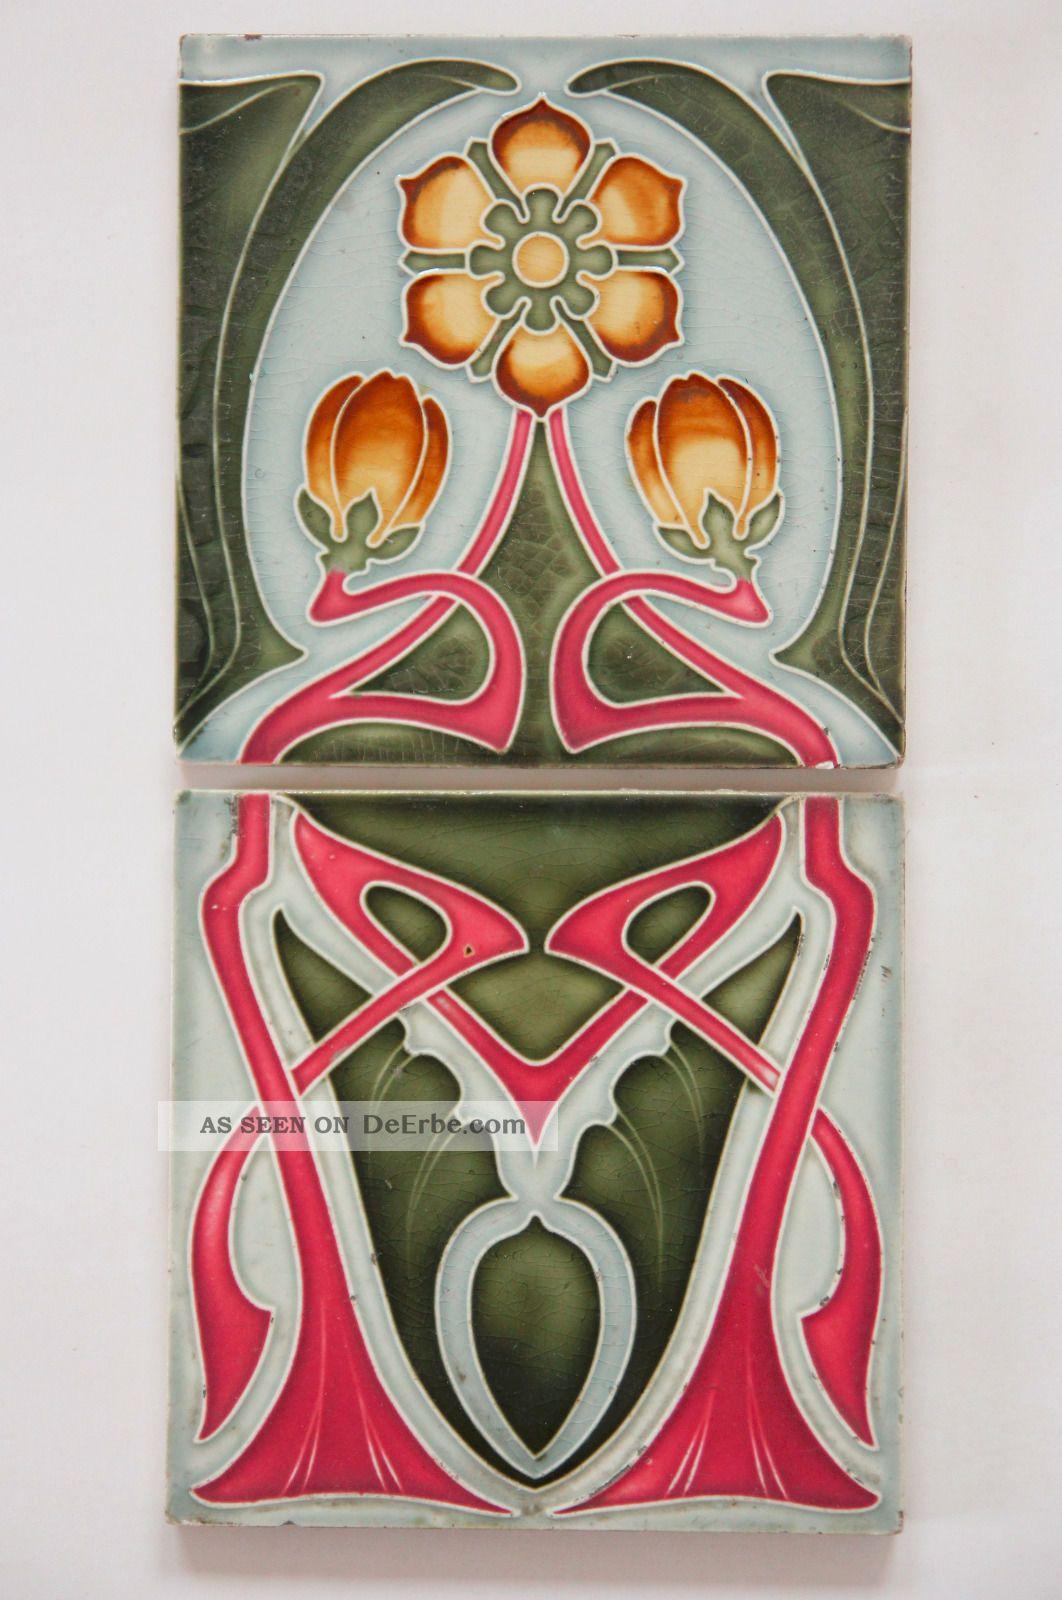 Kachel fliese  Paar Jugendstil Fliese Kachel, Art Nouveau Tile, Tegel Offstein ...